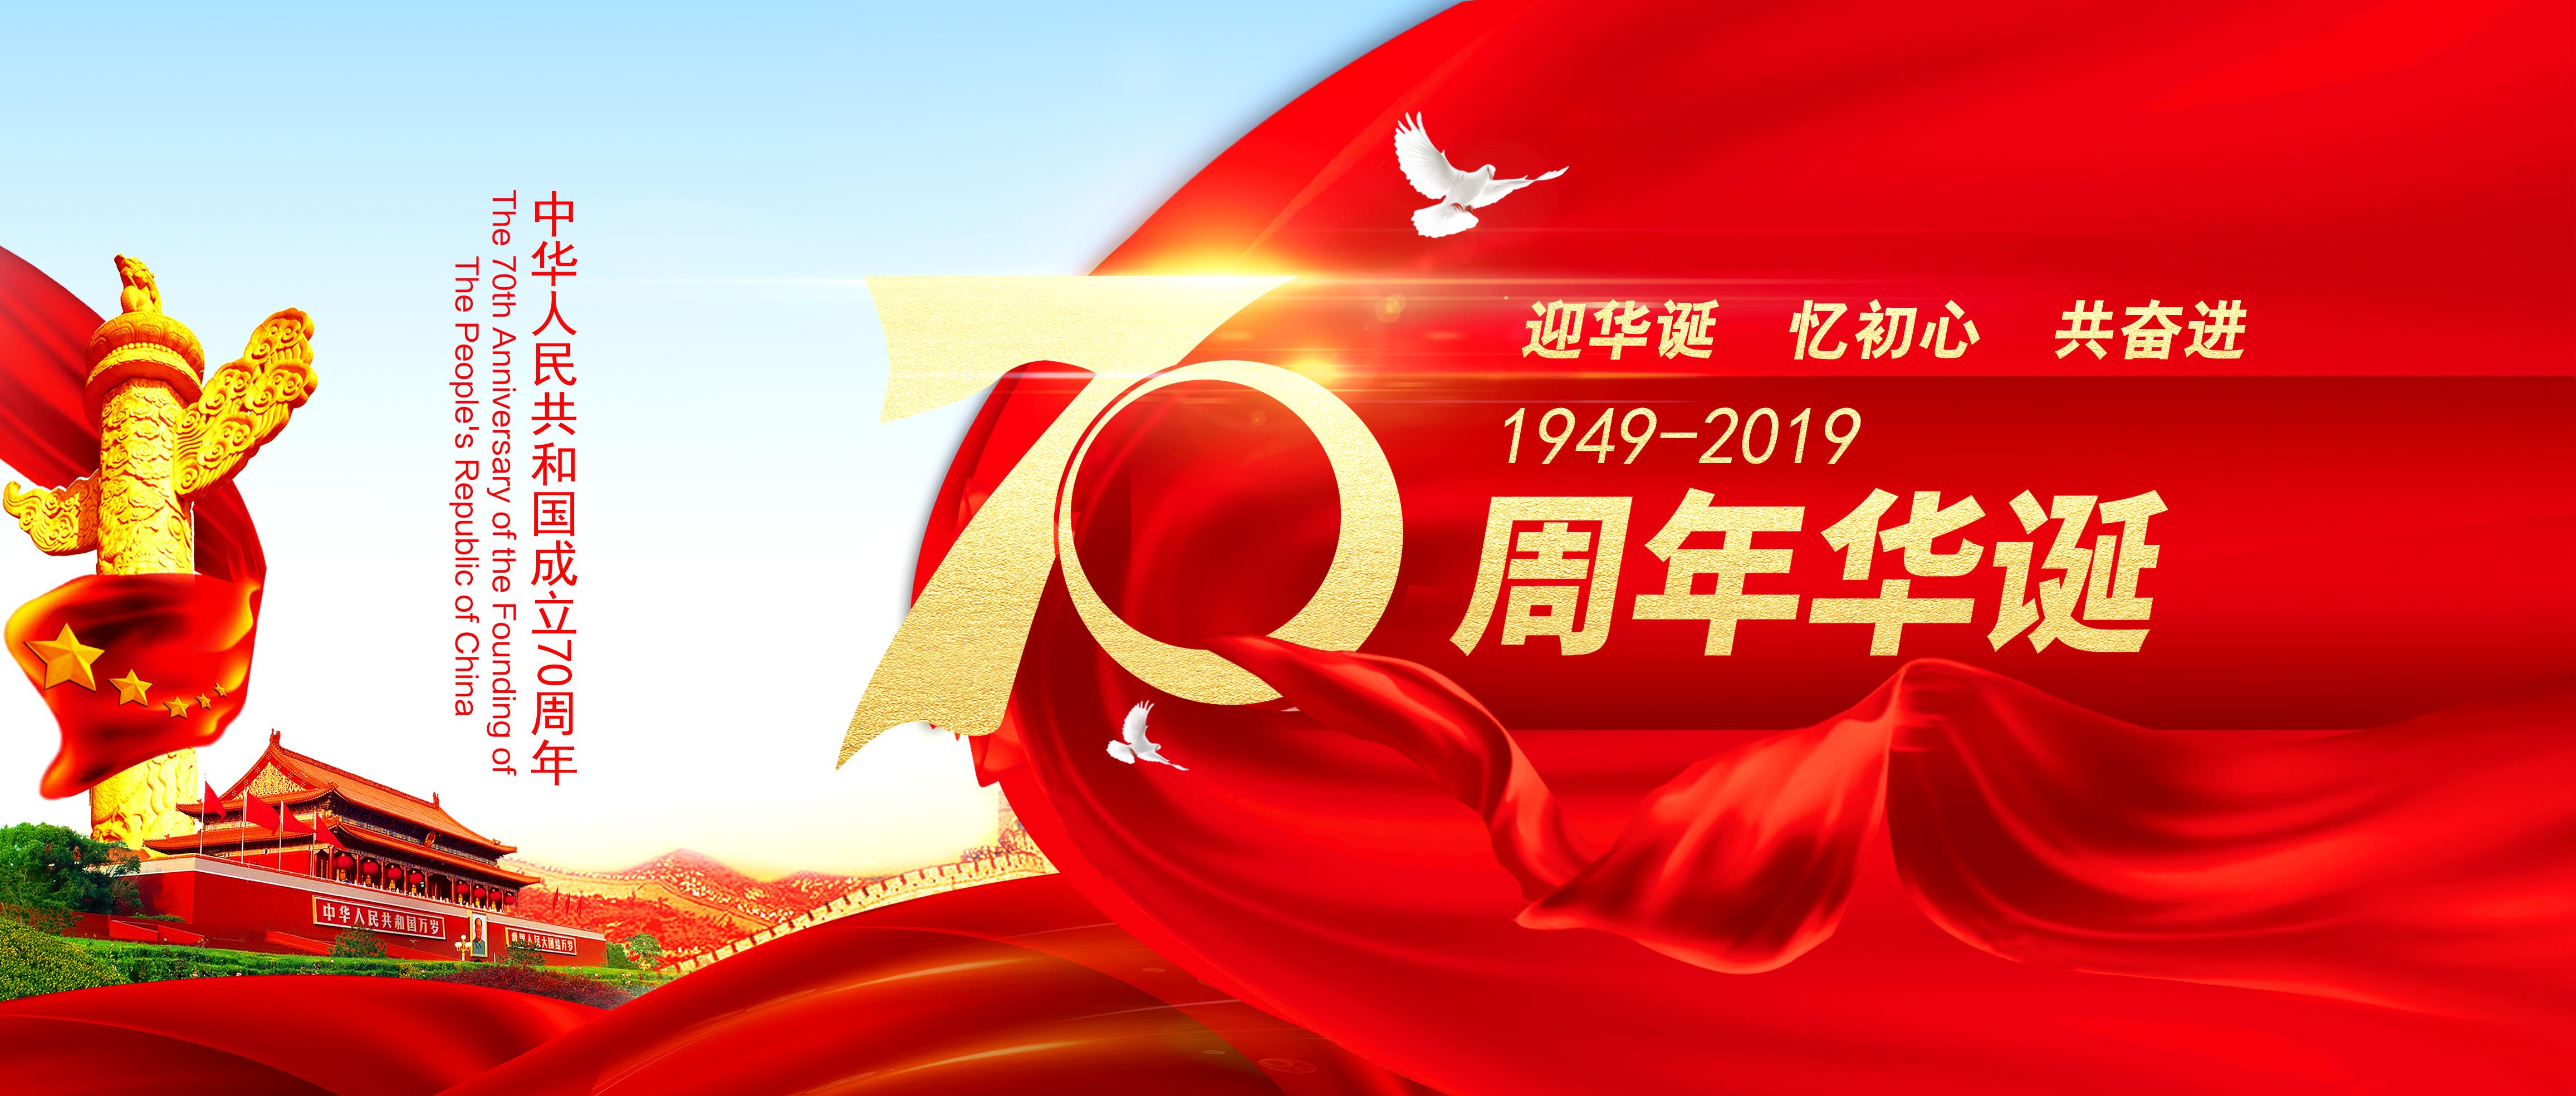 """亚龙公司召开庆祝新中国成立70周年暨""""不忘初心、牢记使命""""主题教育座谈会"""